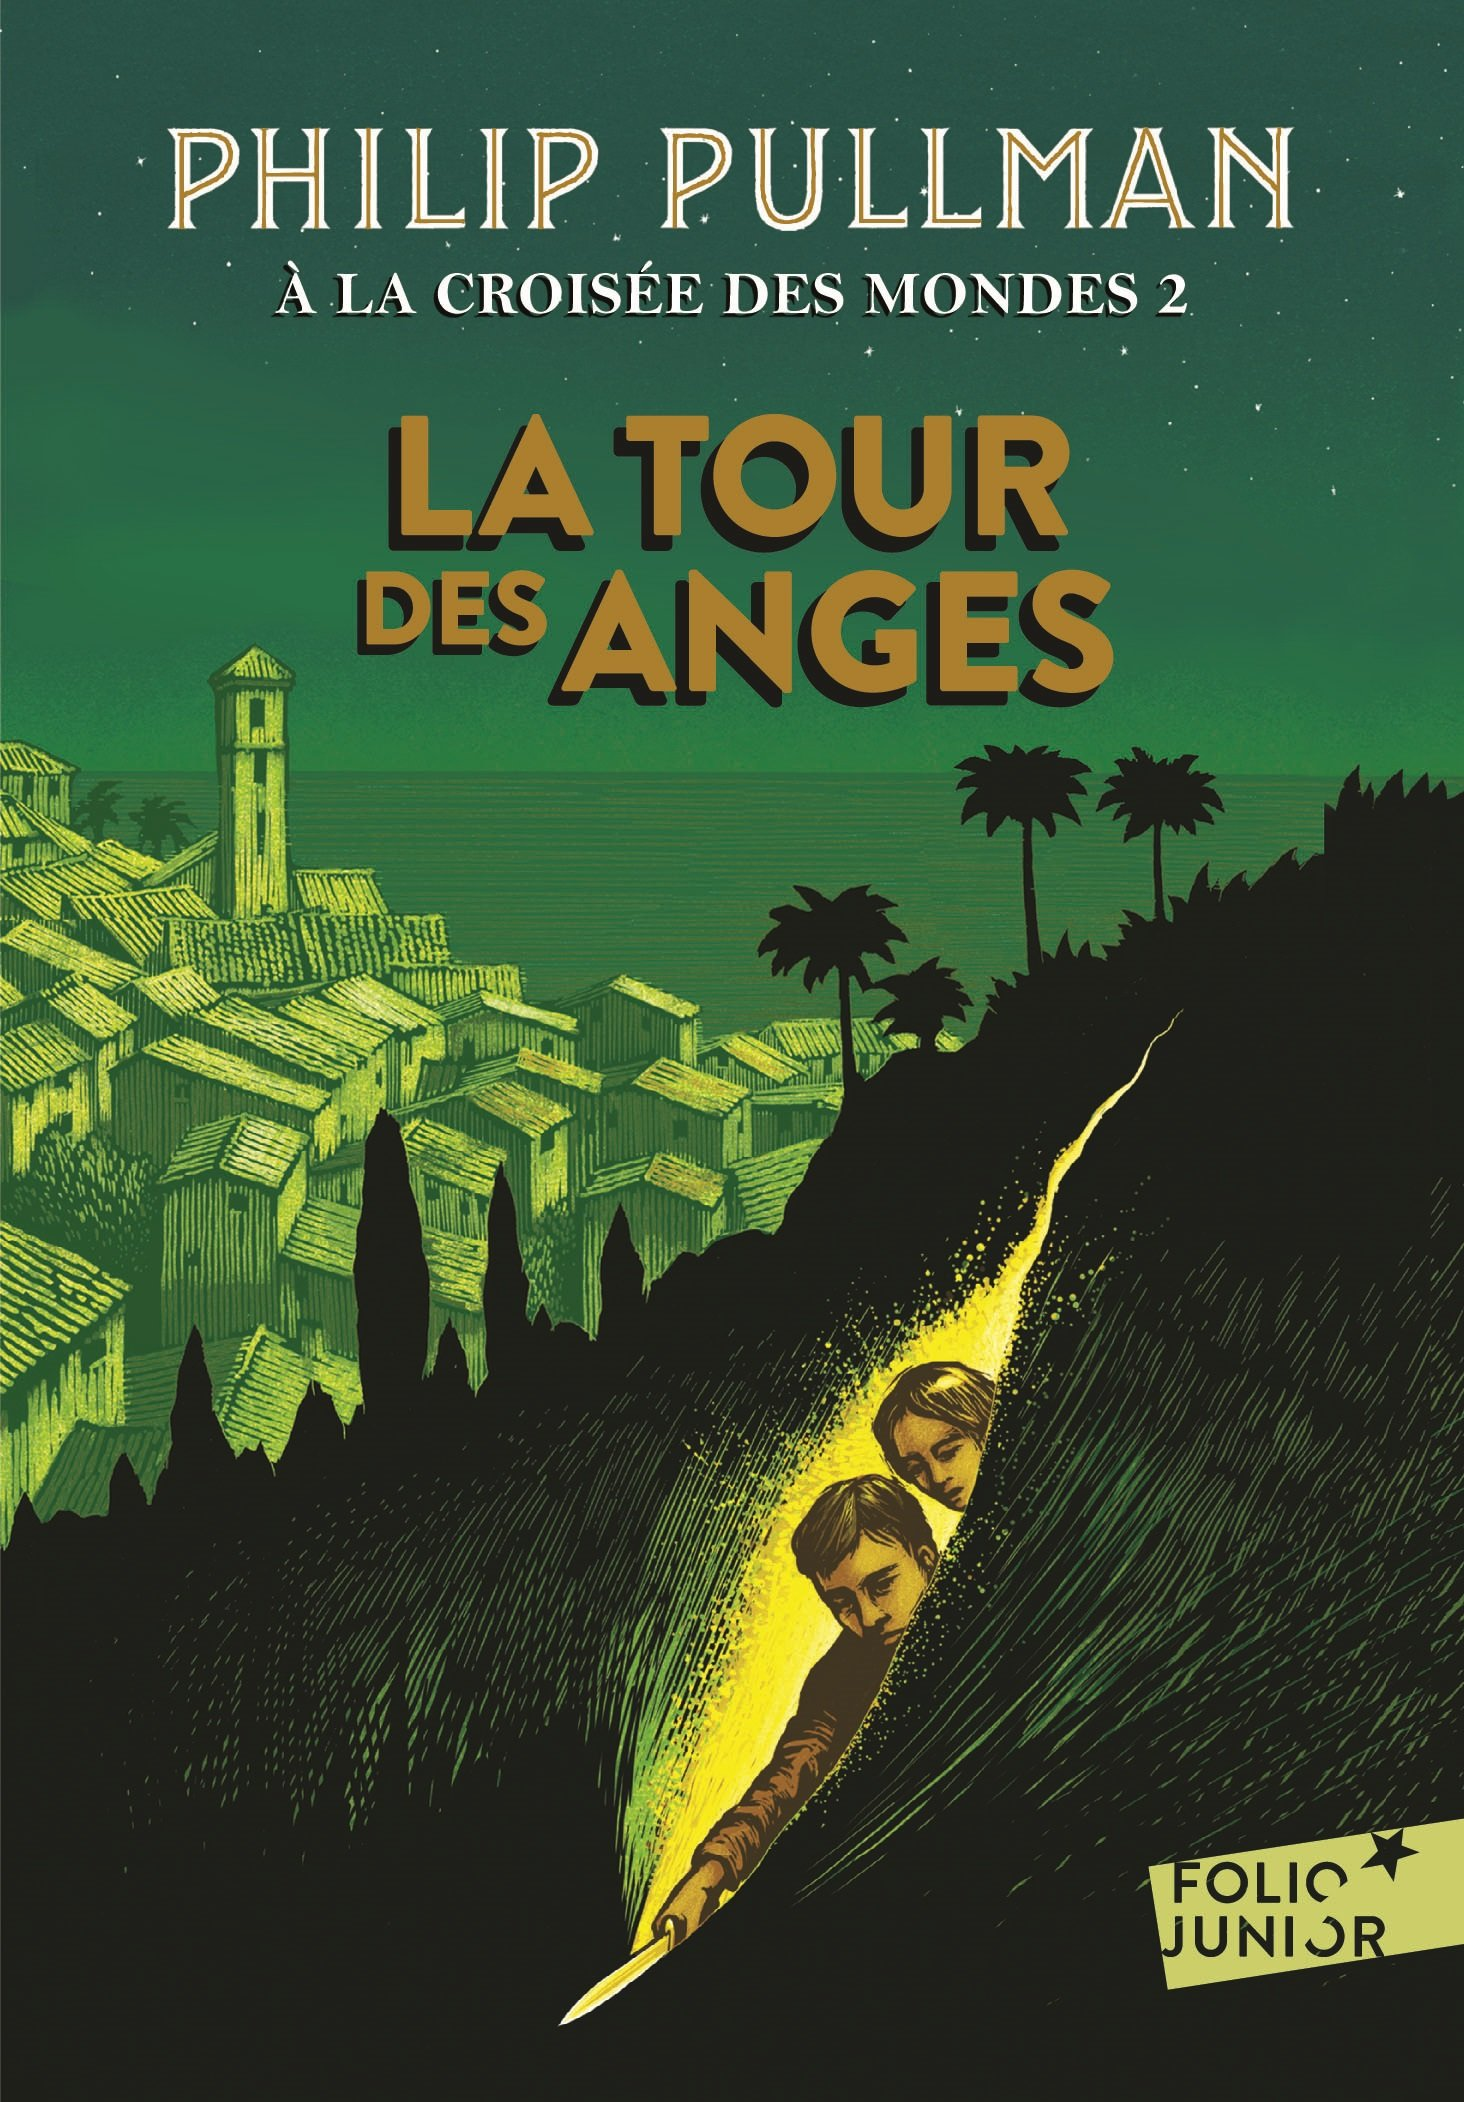 La Tour des Anges (2017)